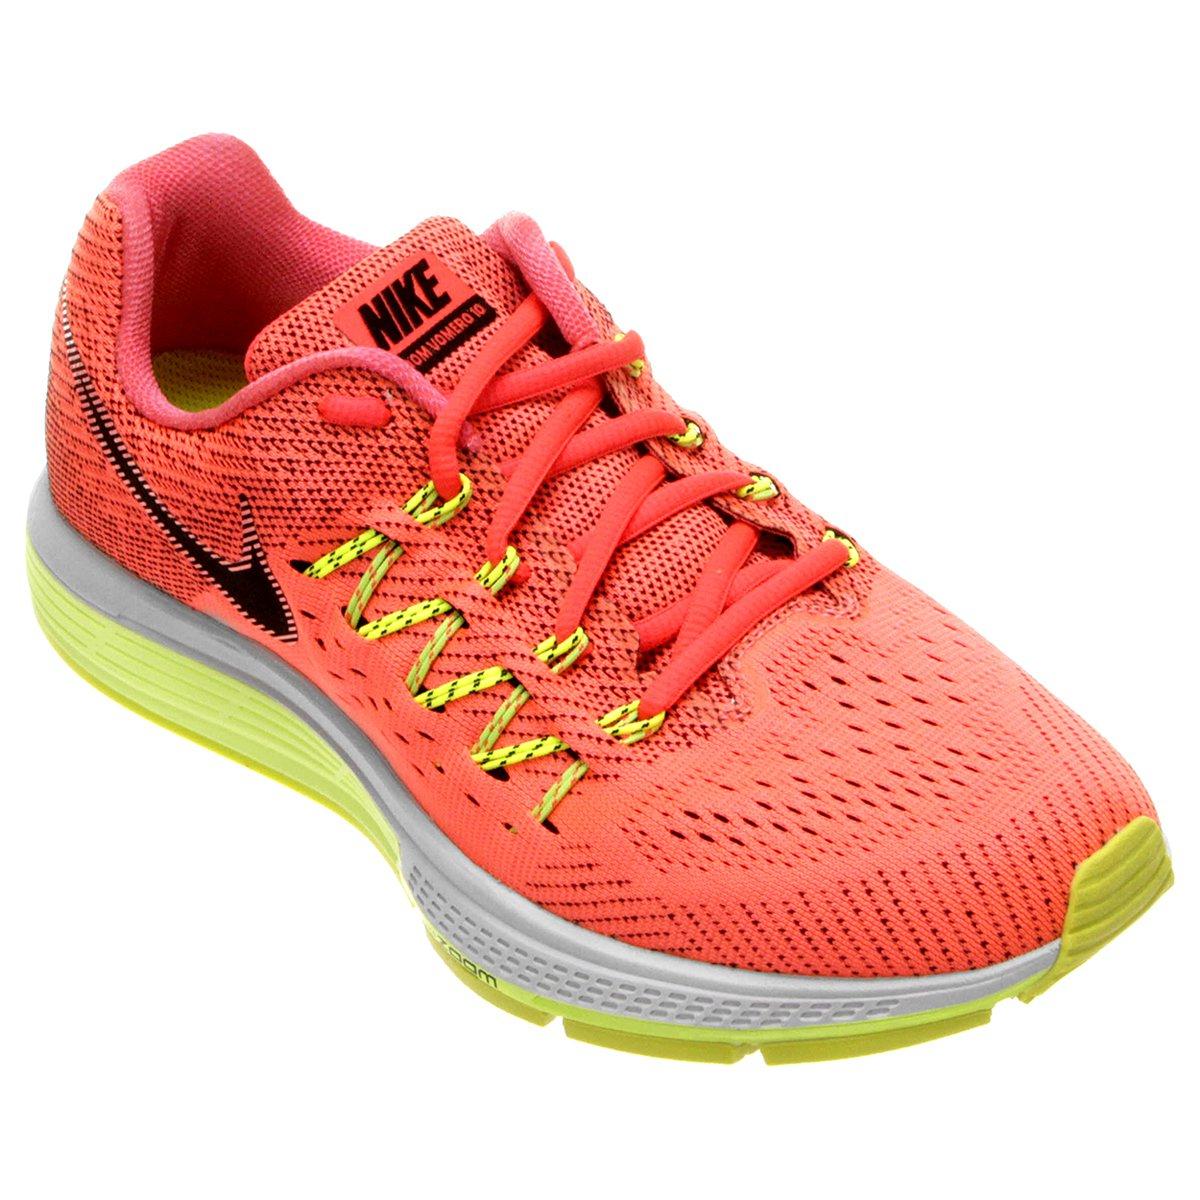 newest 4869b 88b33 Tênis Nike Air Zoom Vomero 10 - Compre Agora   Shop Timão